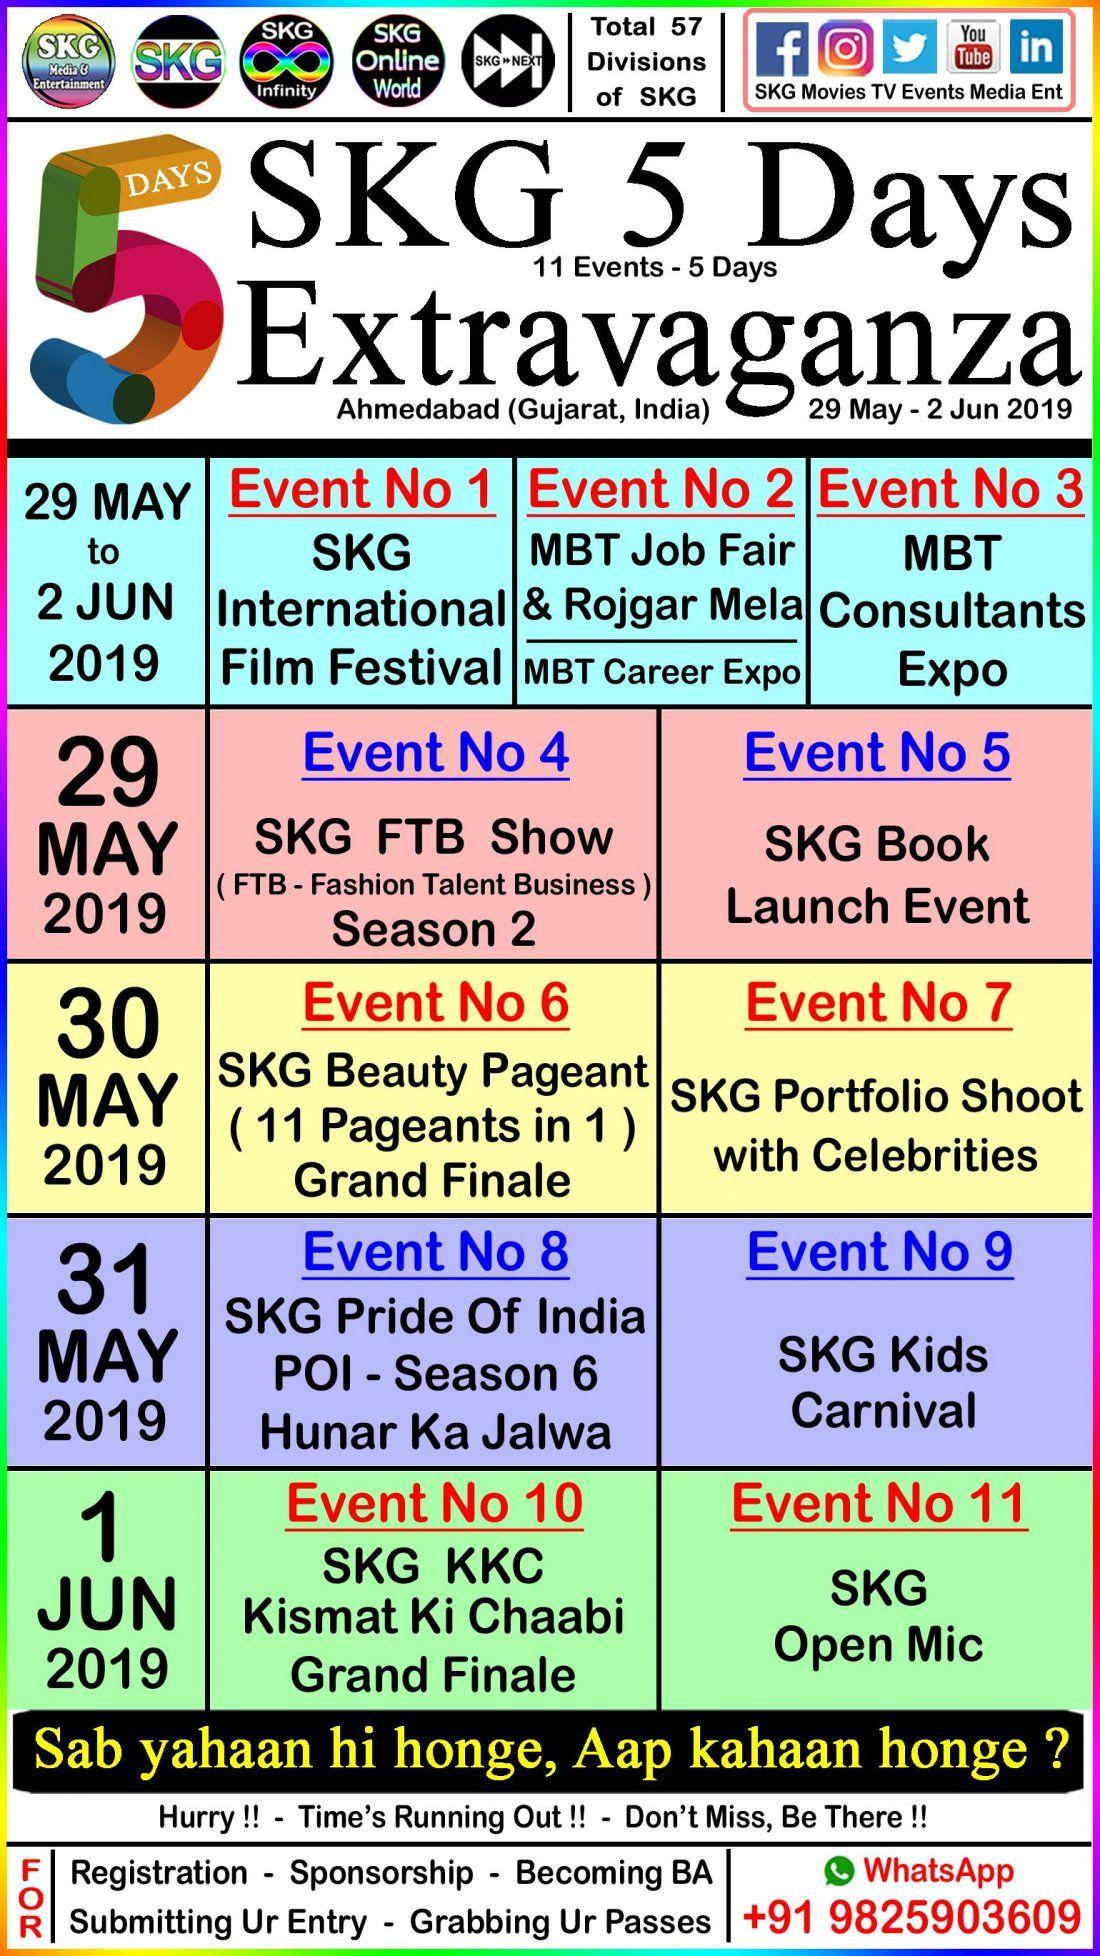 SKG 5 Days Extravaganza